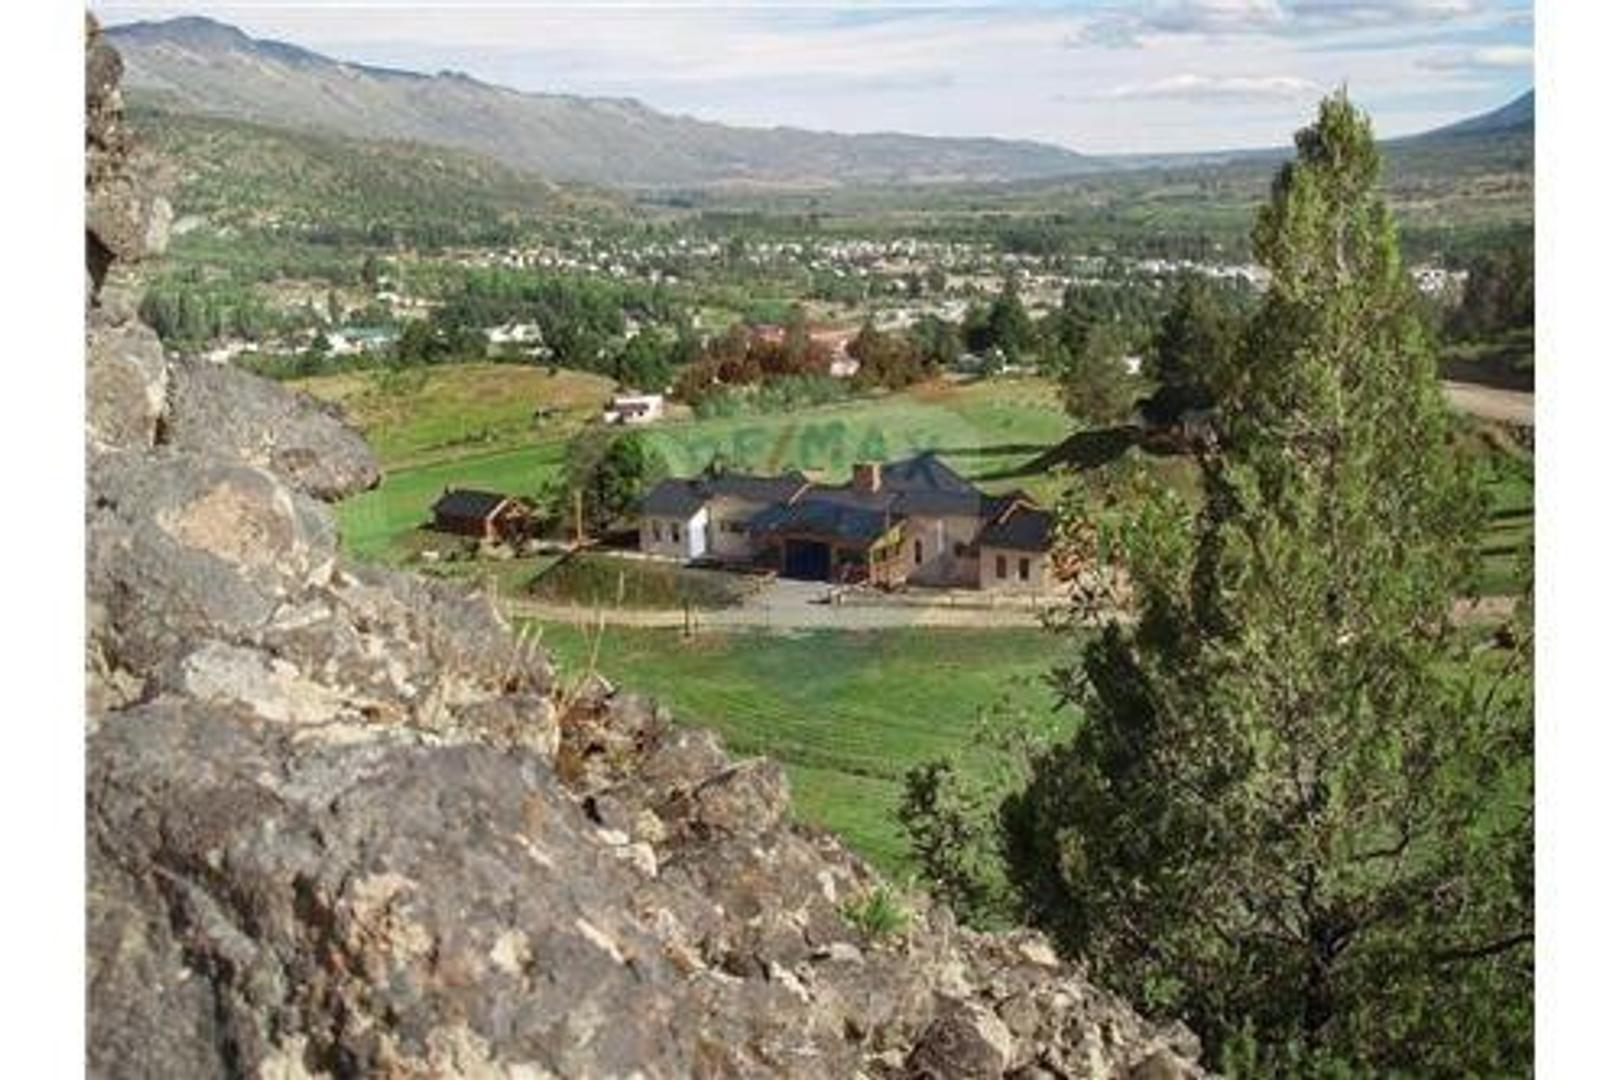 Venta Complejo Turístico Cabañas y Arroyo - Chubut